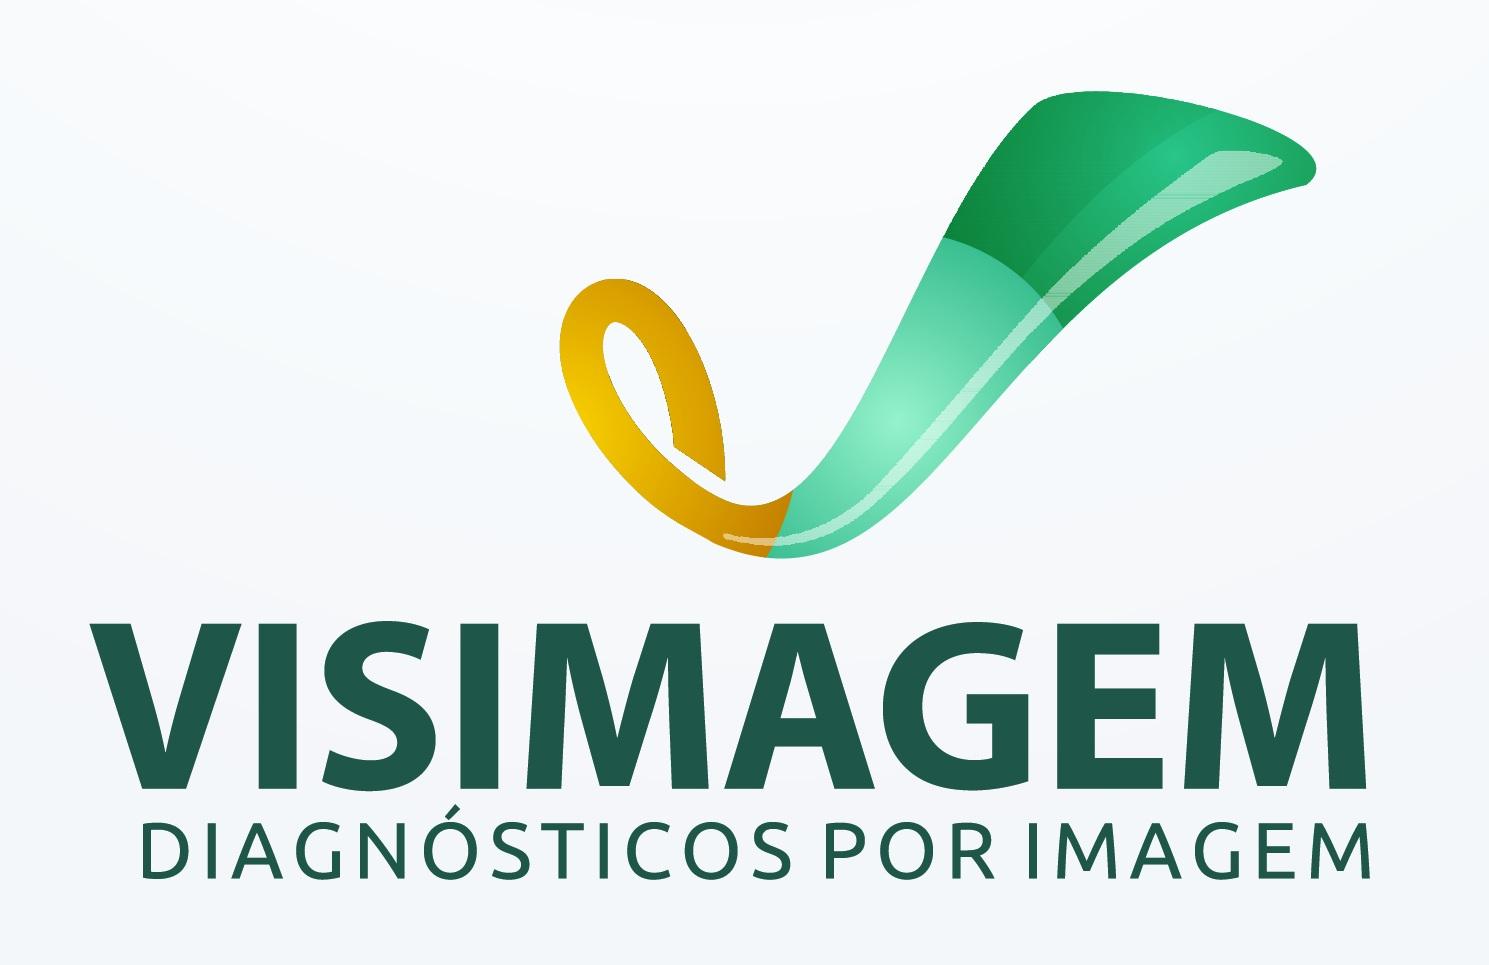 Visimagem Diagnóstico por Imagem